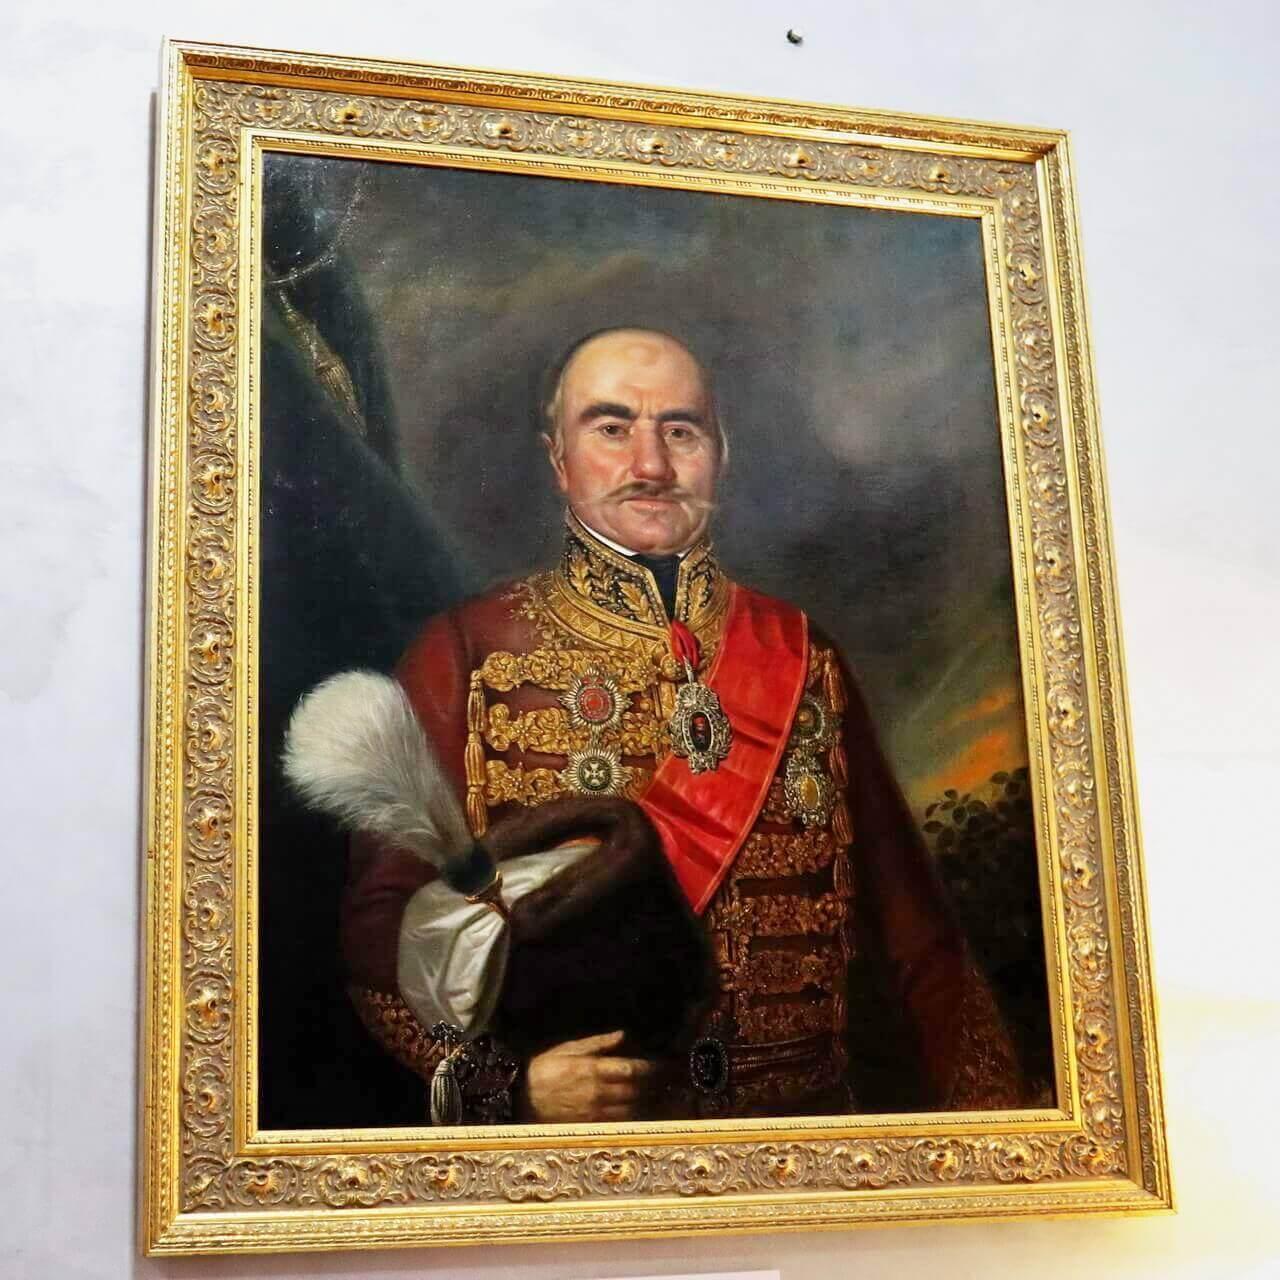 Prince Miloš Obrenović, exhibition